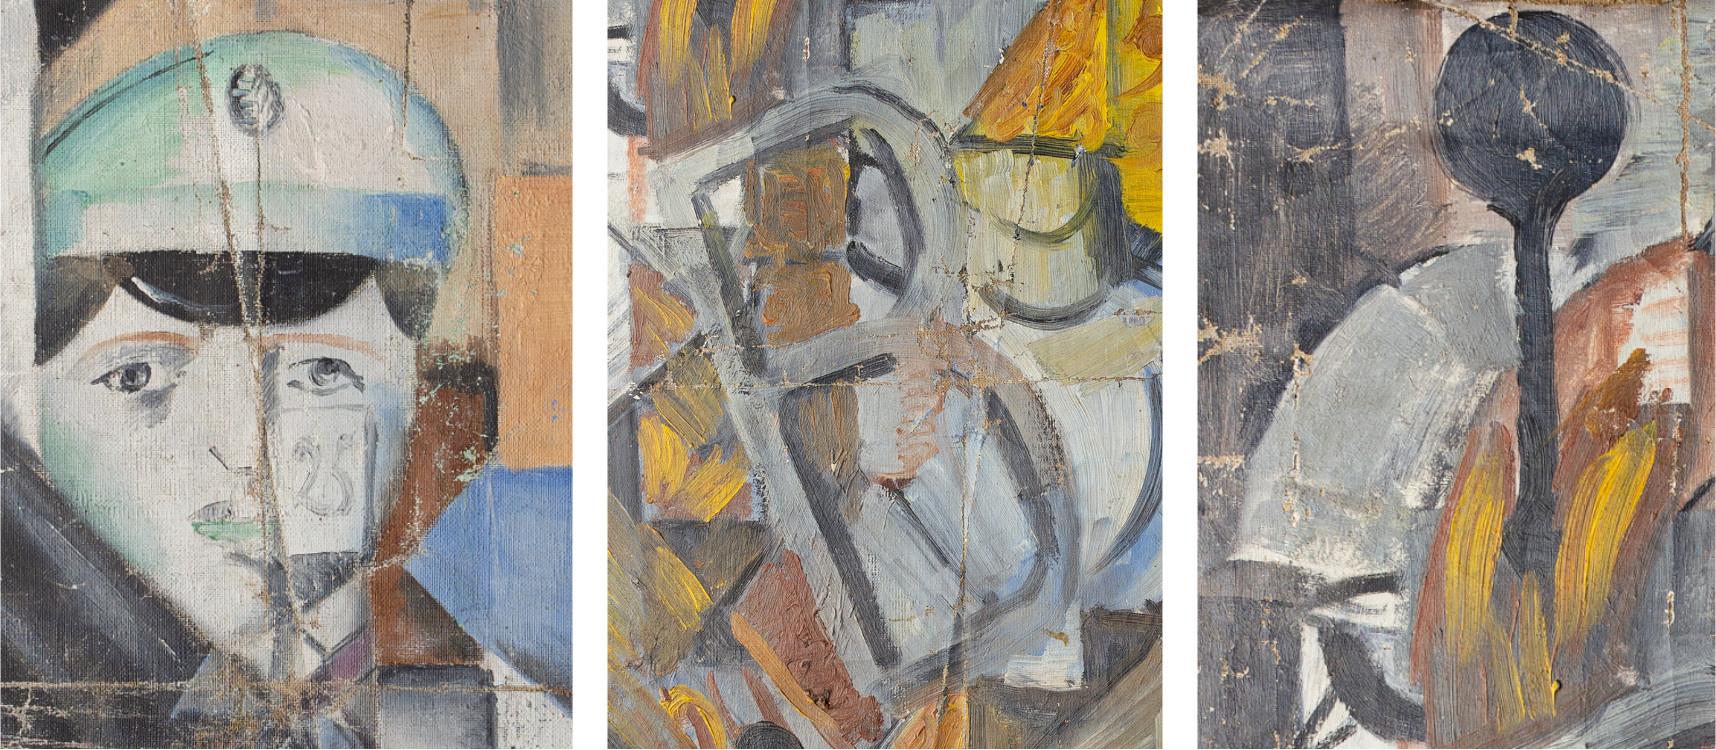 Картину сына Саврасова, известного авангардиста Алексея Моргунова, обнаружили при подготовке к выставке